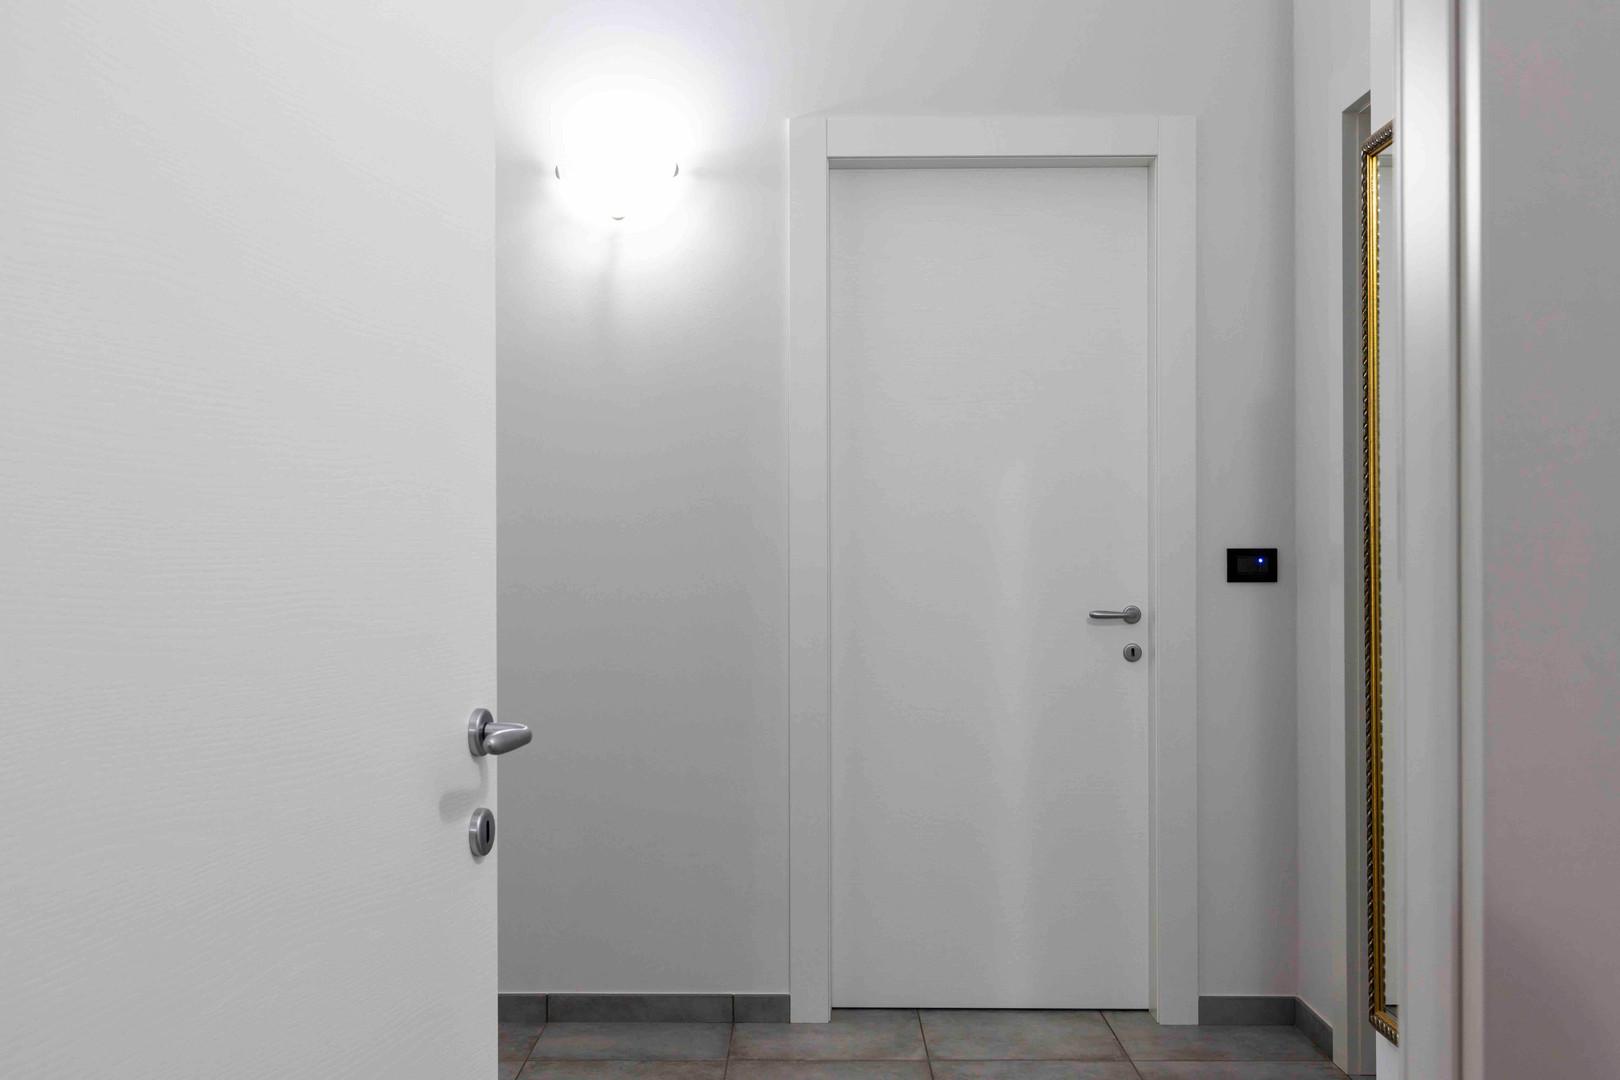 porta interna bianca liscia2.jpeg